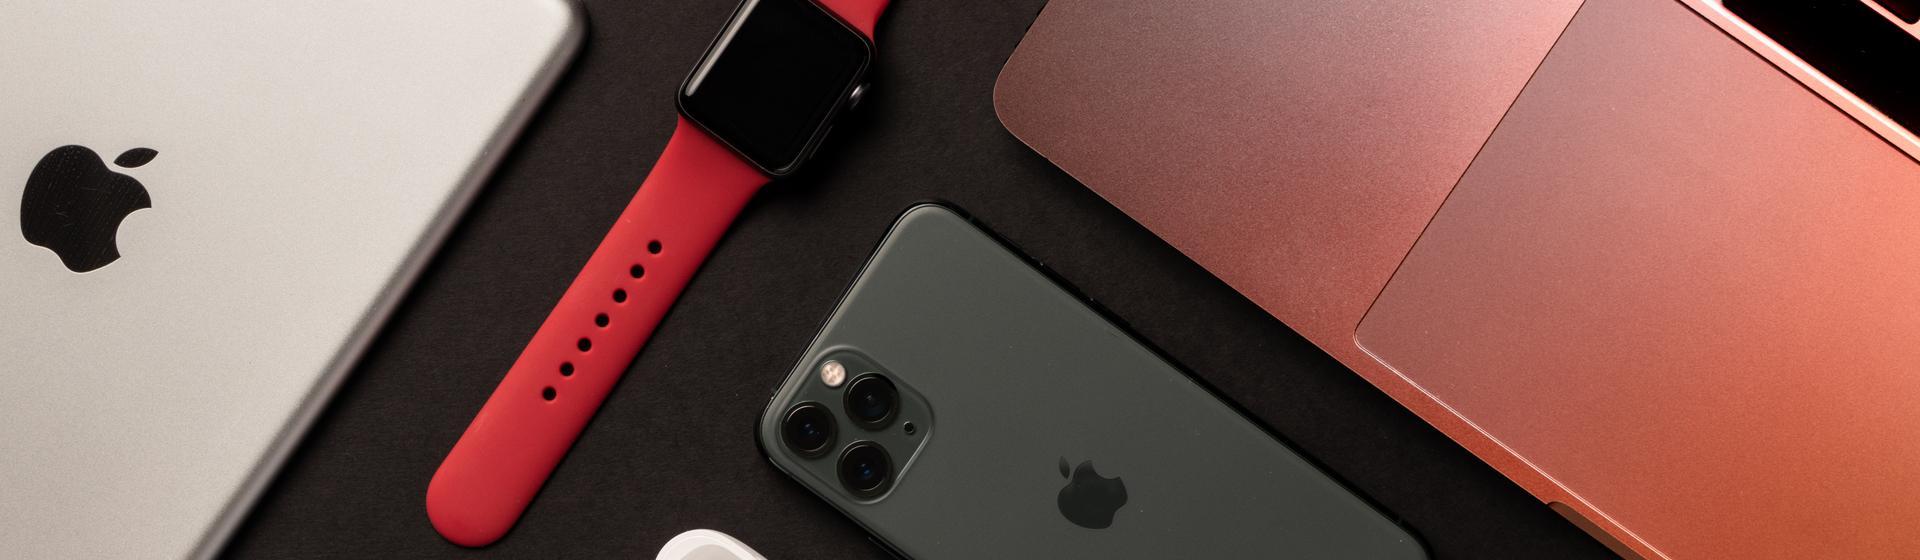 5 matches de produtos para quem é fã da Apple